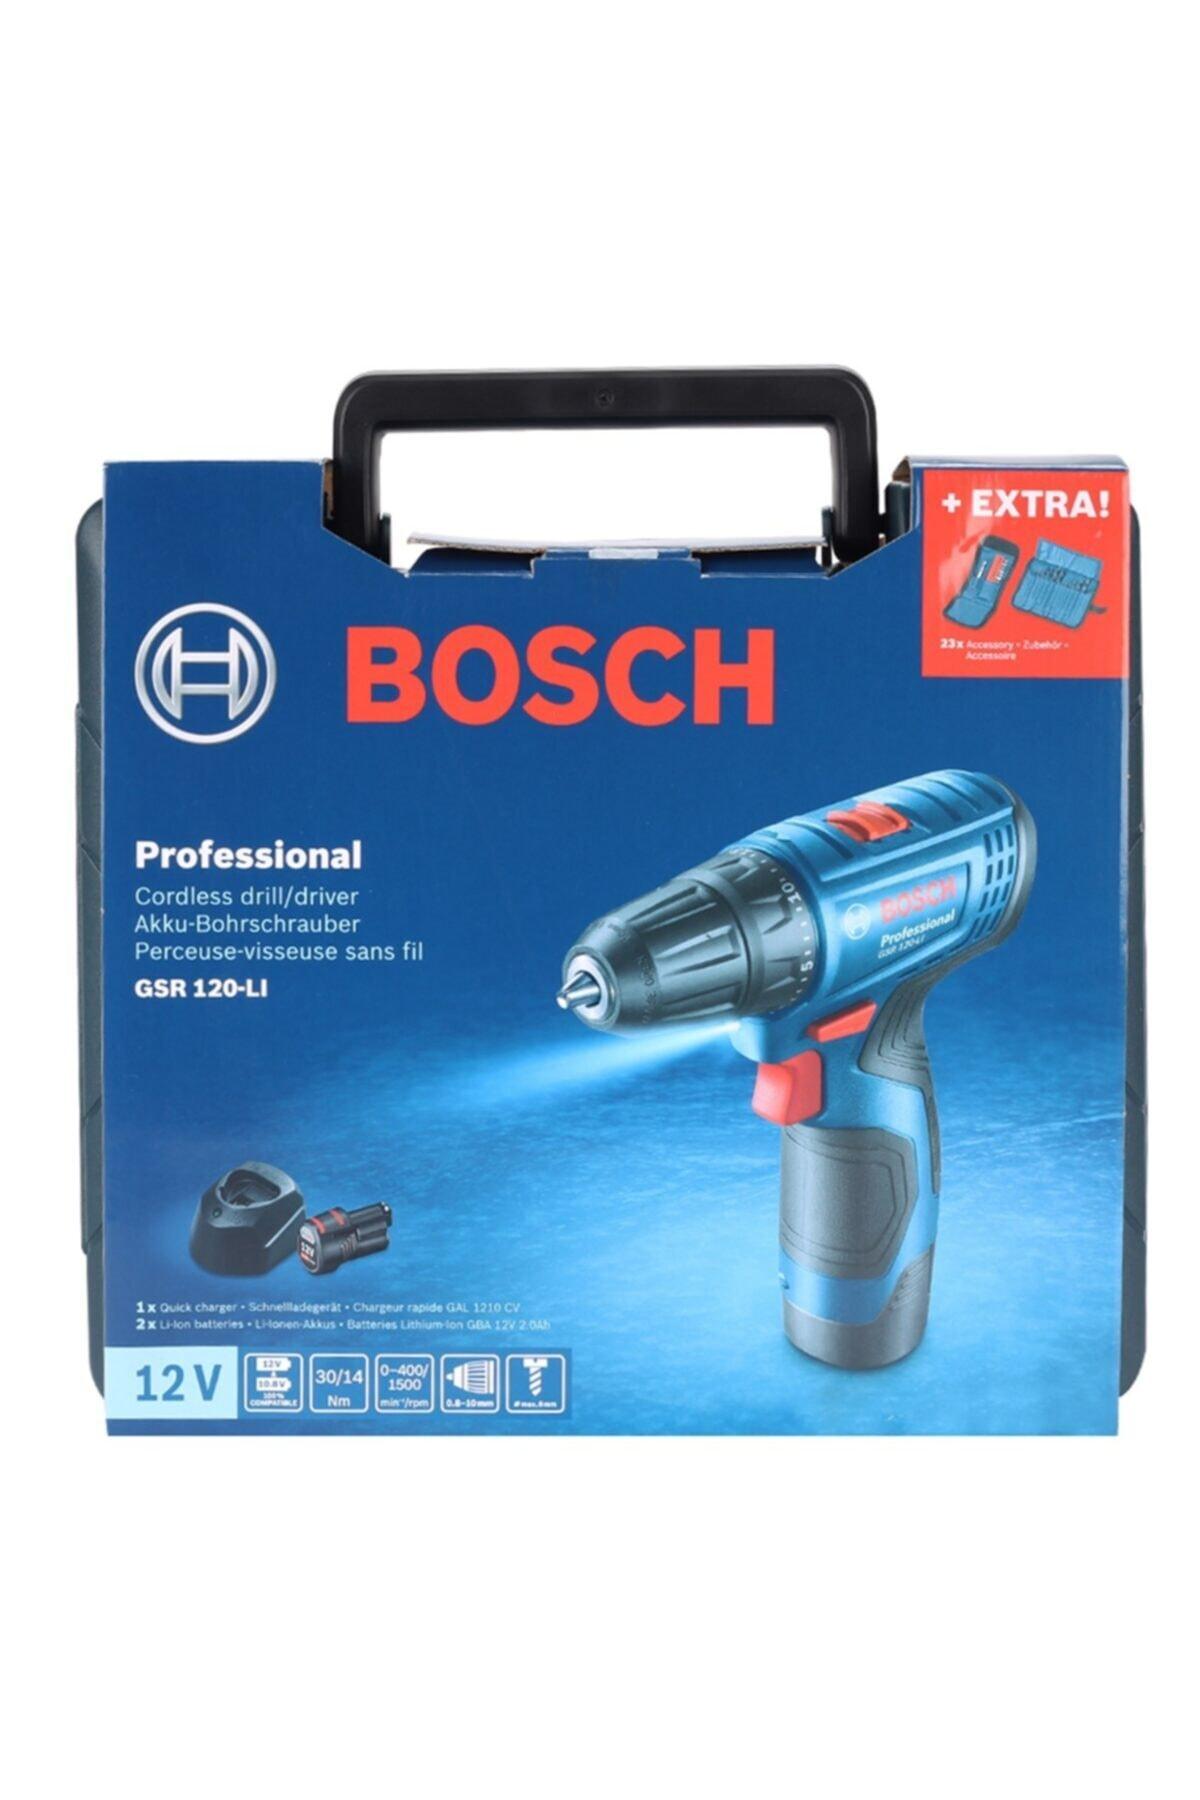 Bosch Gsr 120-lı 2 Ah Şarjlı - Akülü Delme Vidalama Makinası - 06019g8002 2